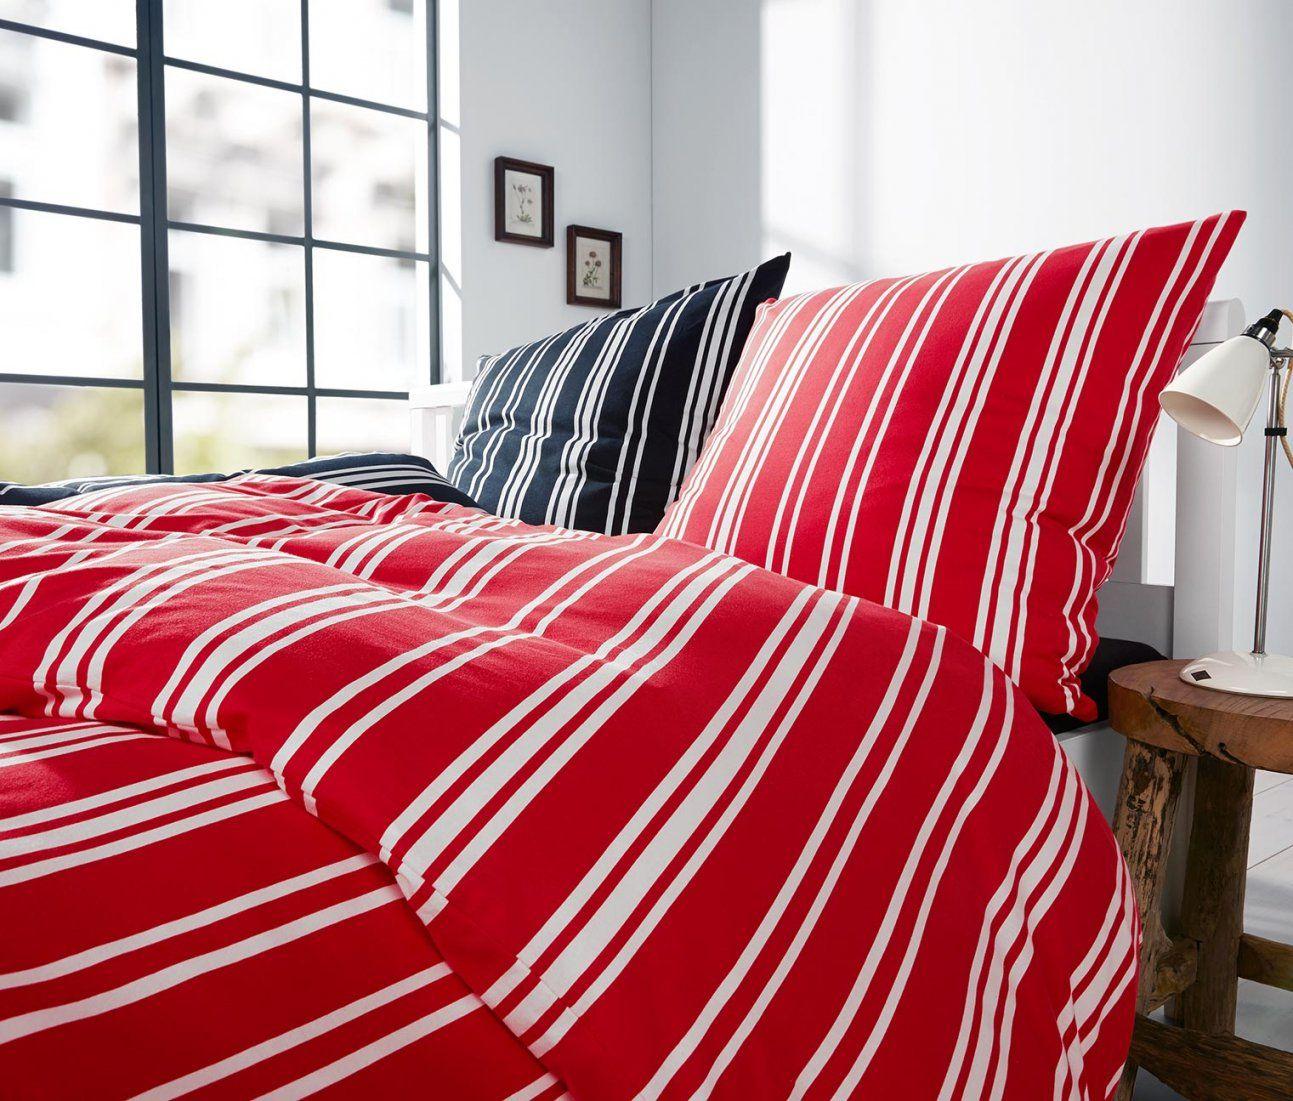 Jerseybettwäsche Rotweiß Gestreift Online Bestellen Bei Tchibo 309832 von Tchibo Bettwäsche Jersey Bild